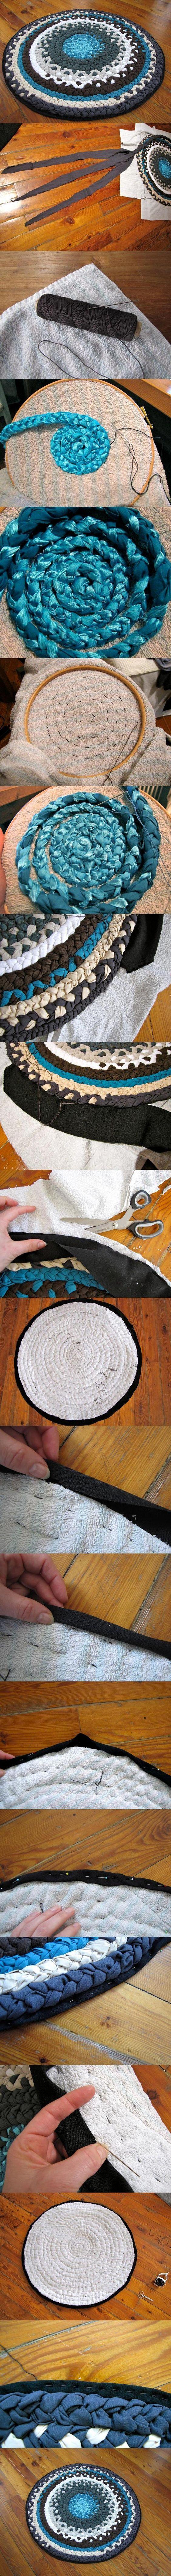 DIY Braided Fabric Rug: